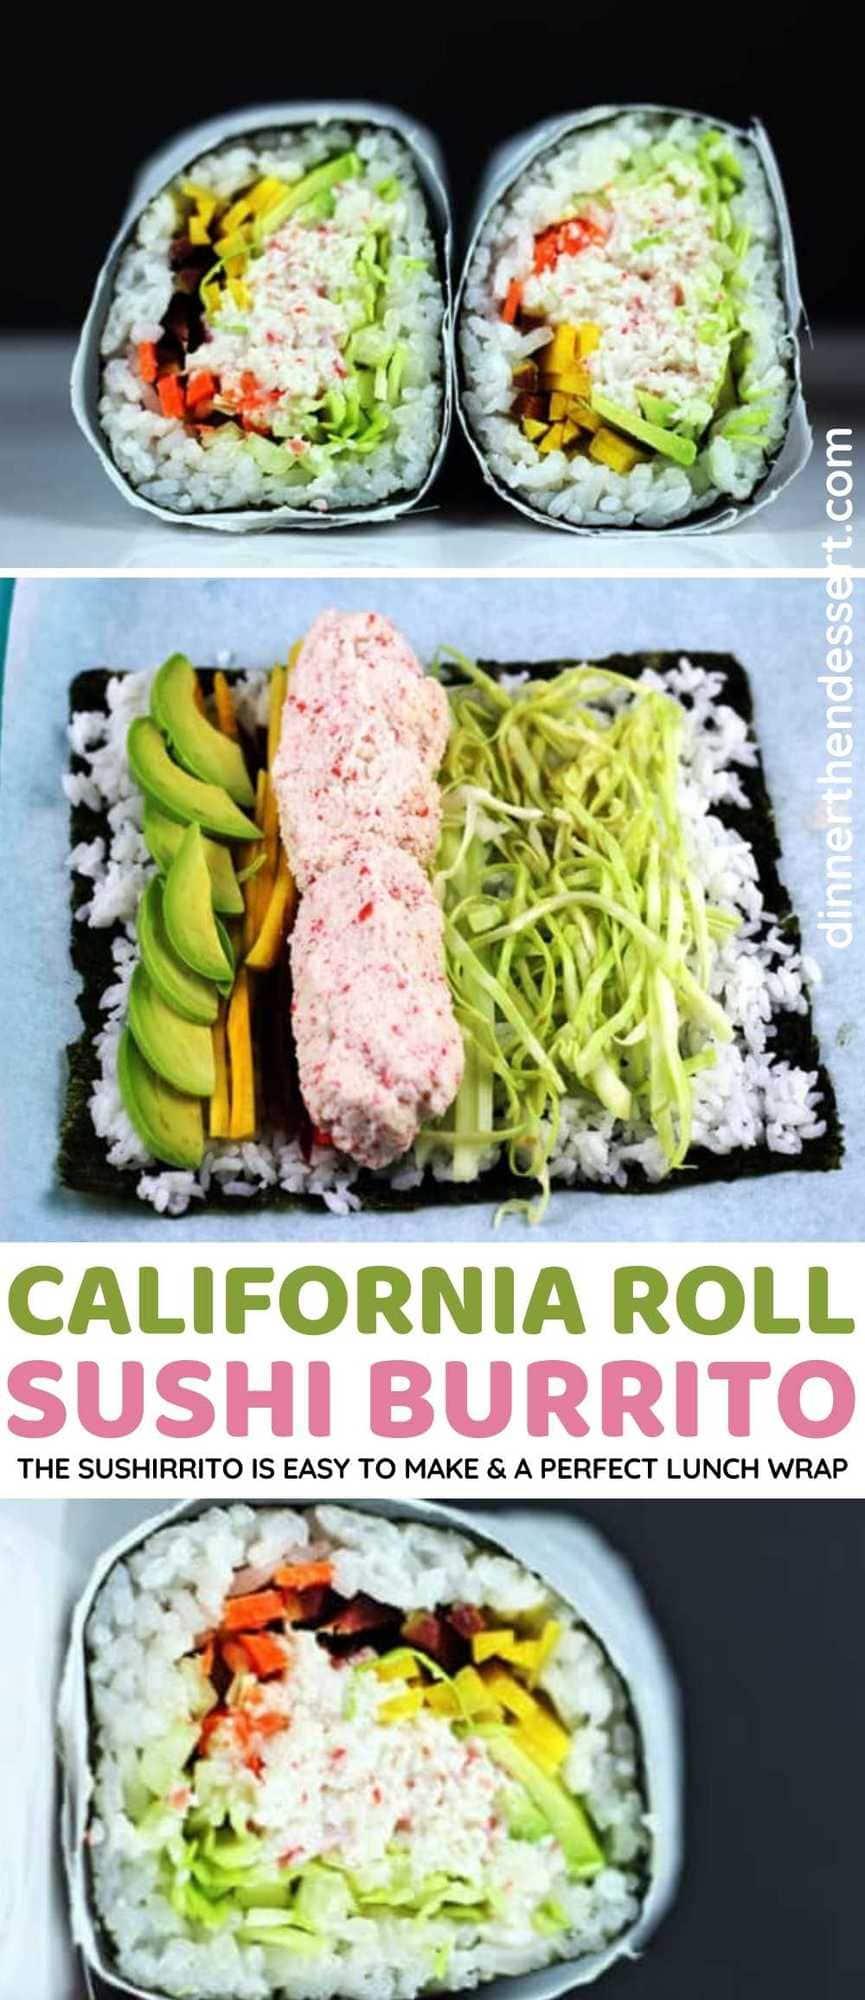 Sushi Burrito collage